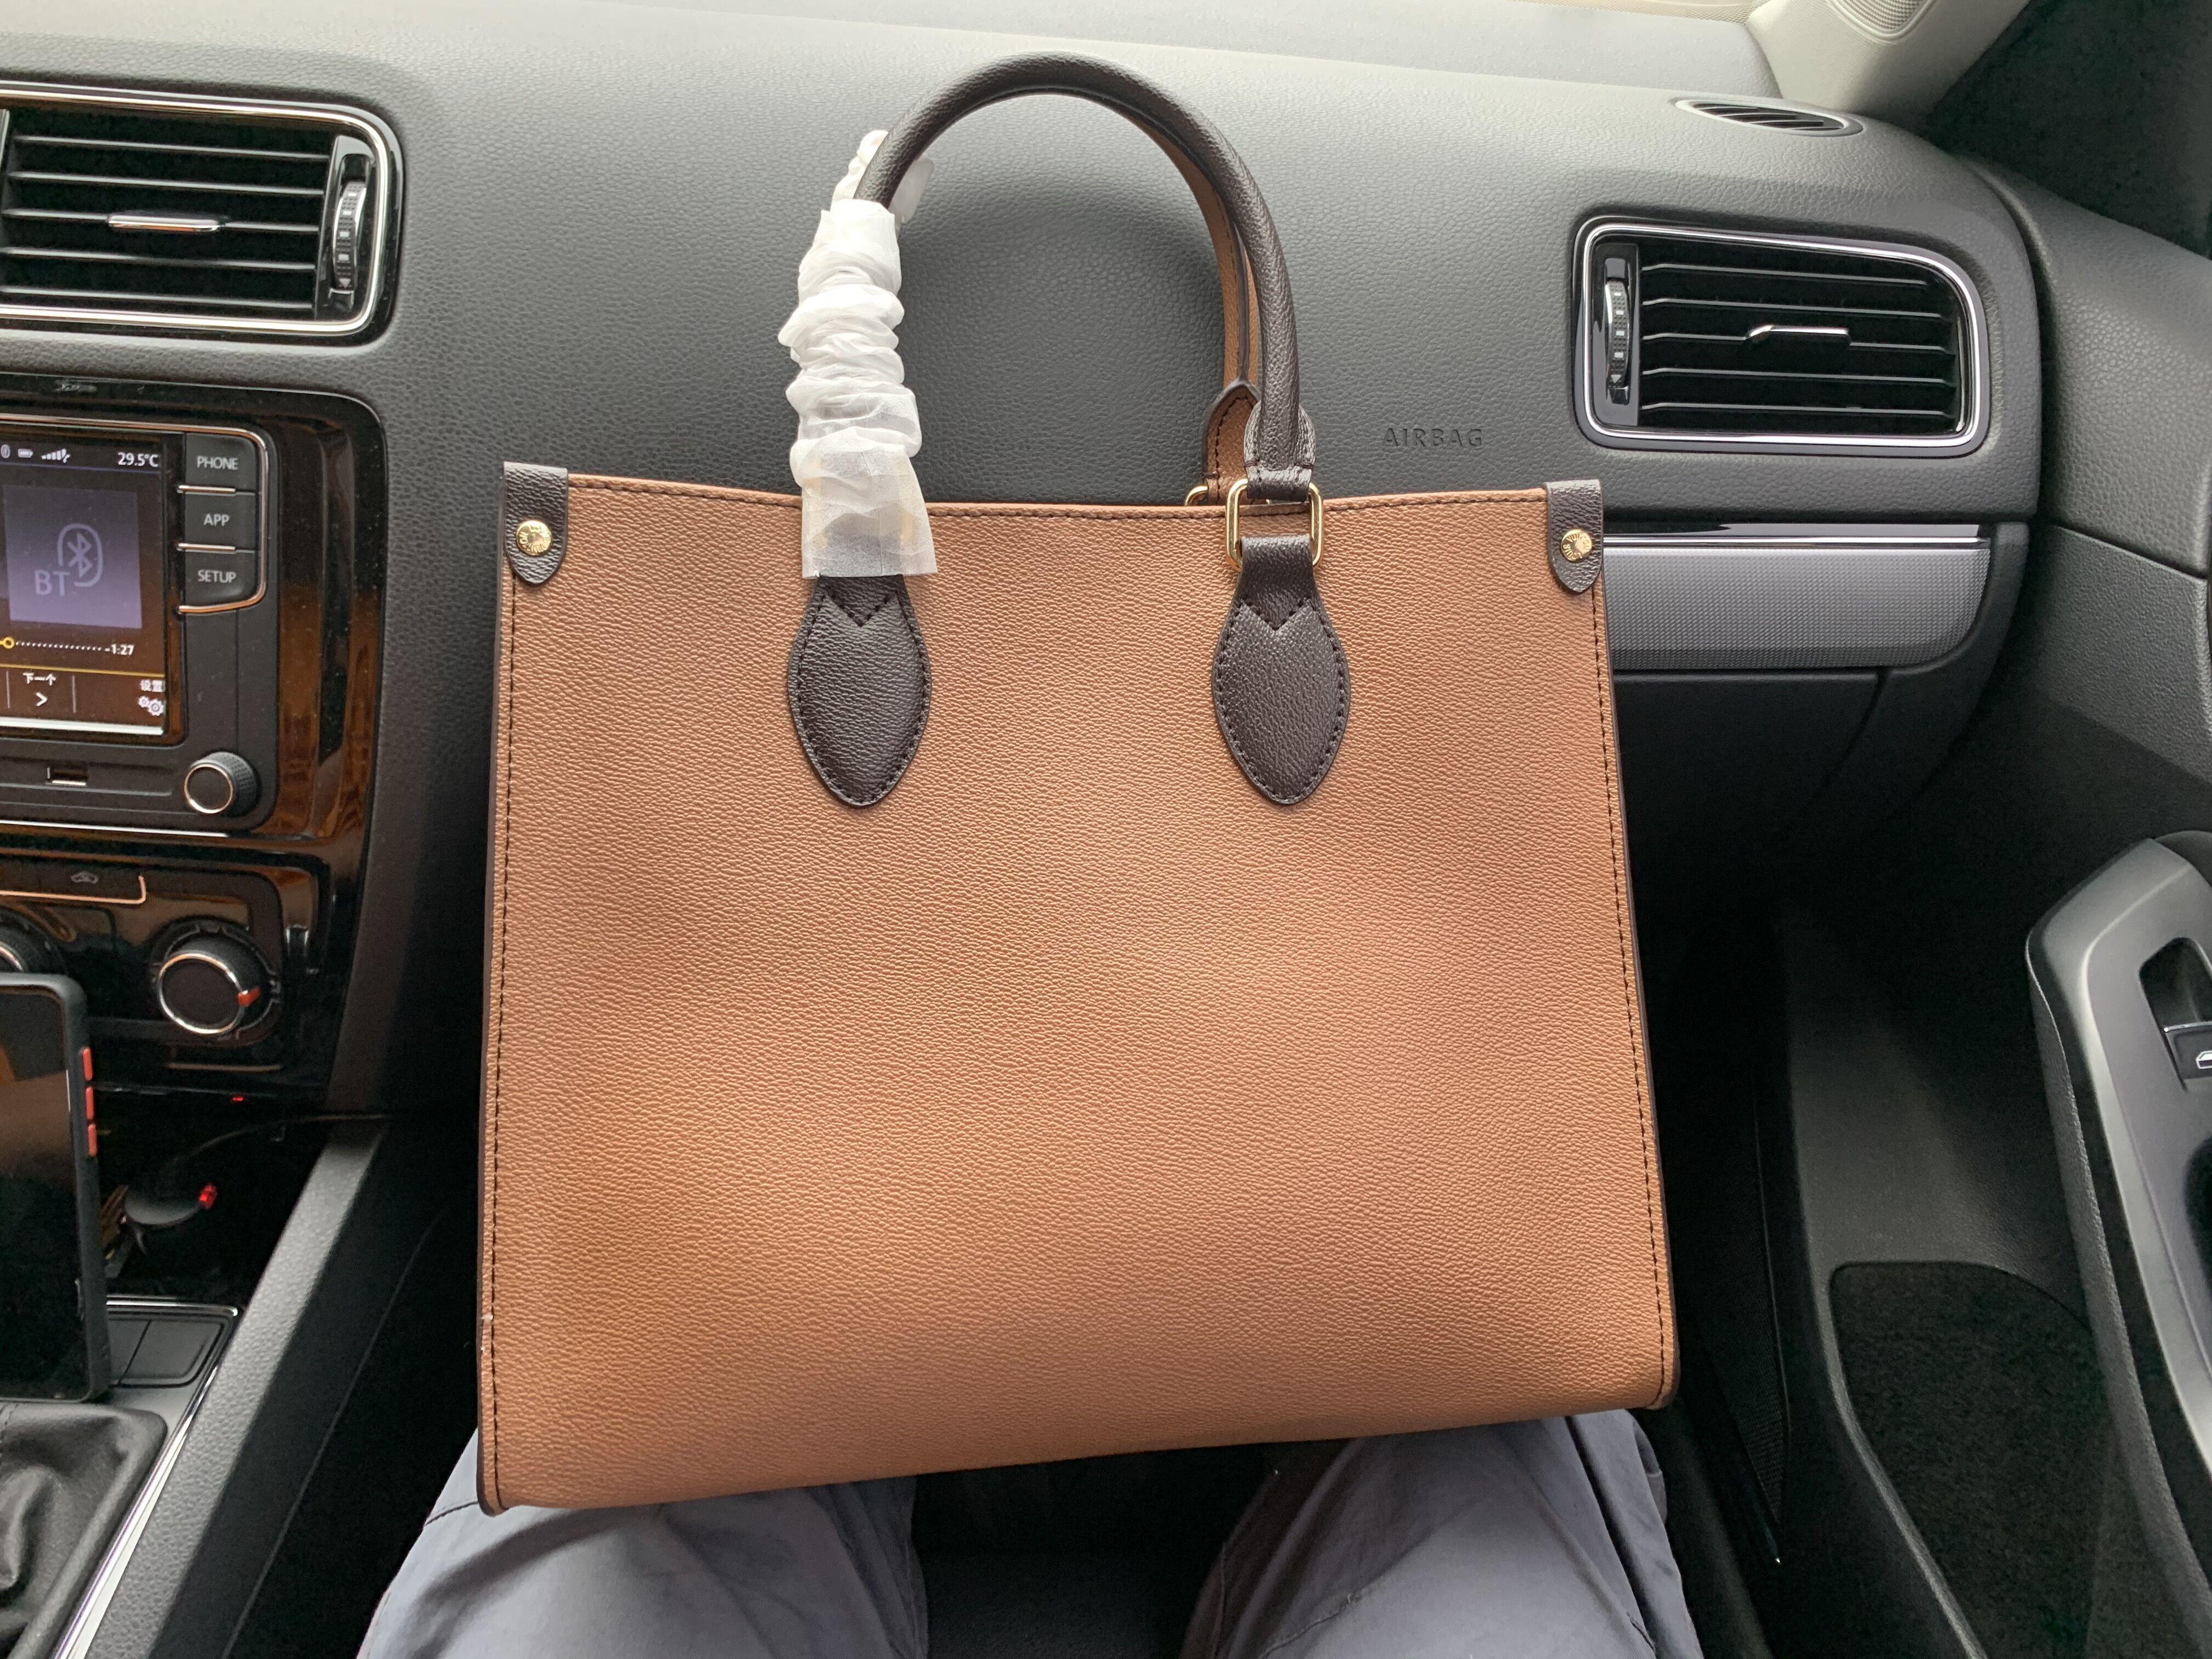 Designer Neue Frauen Womens Geldbörsen Handtaschen 2021 Luxus Schulter Kupplung Handtaschen Mode Luxus Tasche Leder Designer Tote TJDGJ